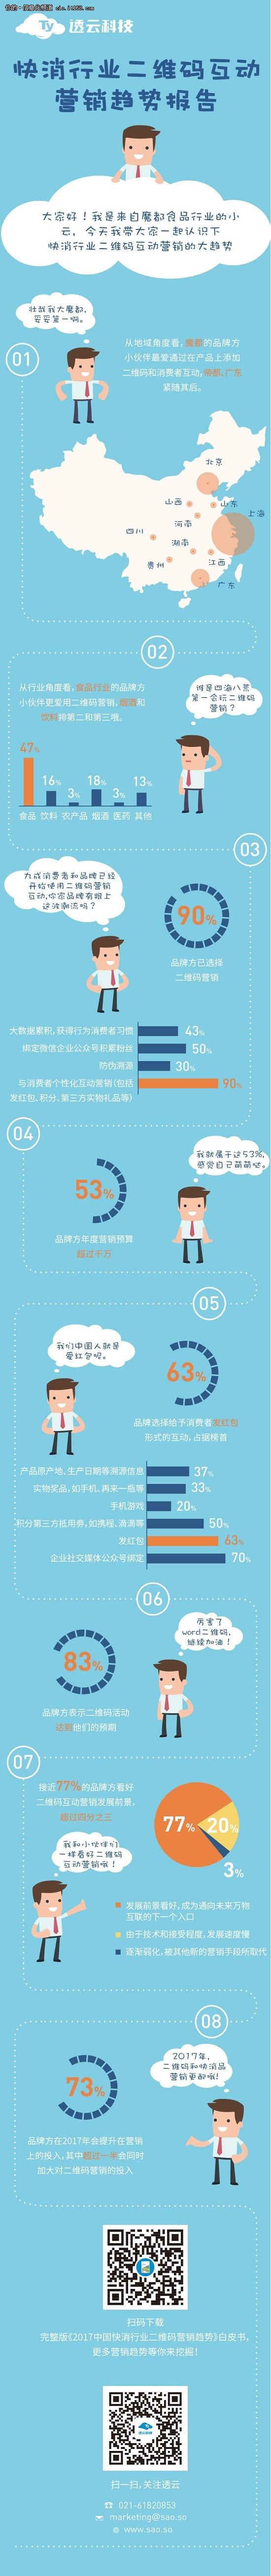 一张图读懂快消行业二维码互动营销趋势